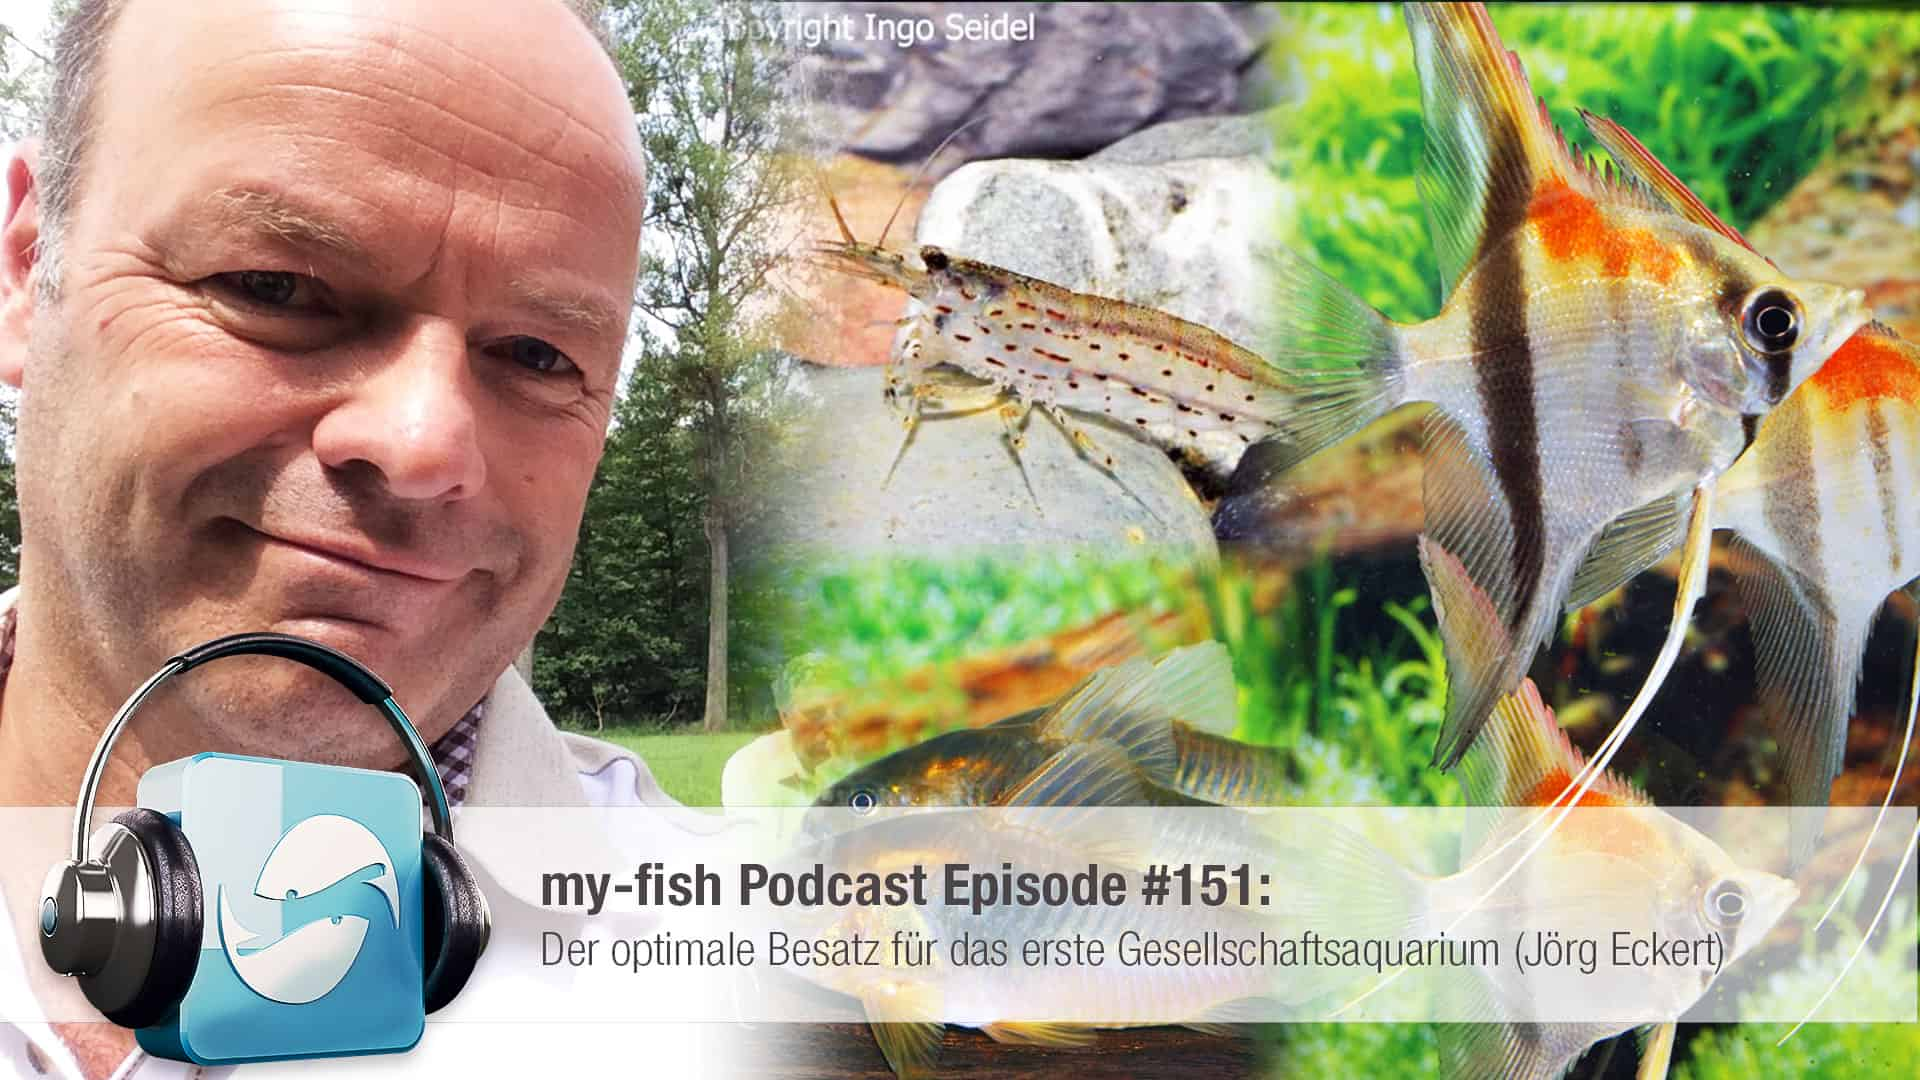 Podcast Episode #151: Der optimale Besatz für das erste Gesellschaftsaquarium (Jörg Eckert) 1